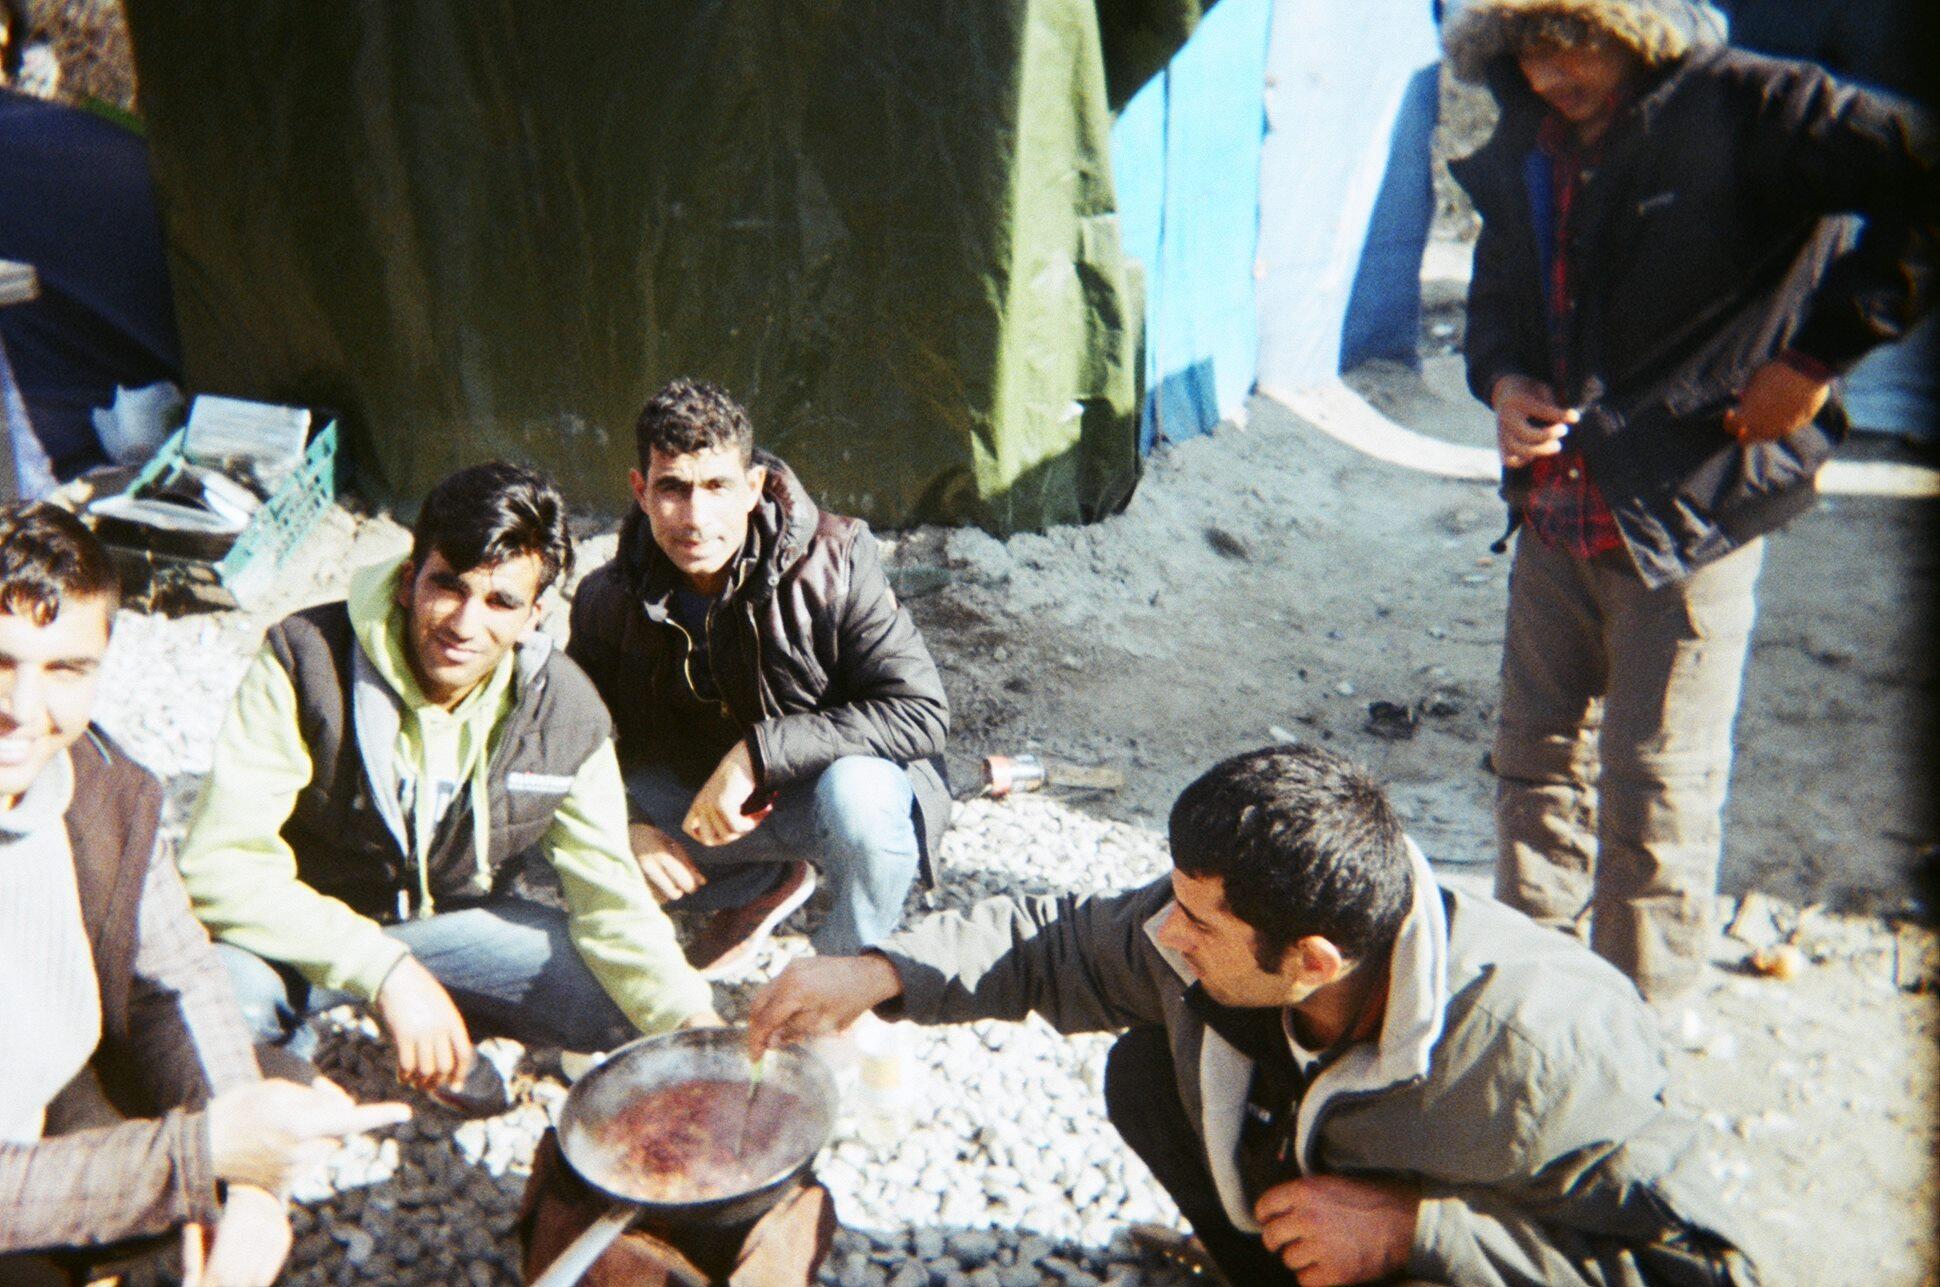 Des refugiés réchauffent leurs plats avec les moyens du bord.